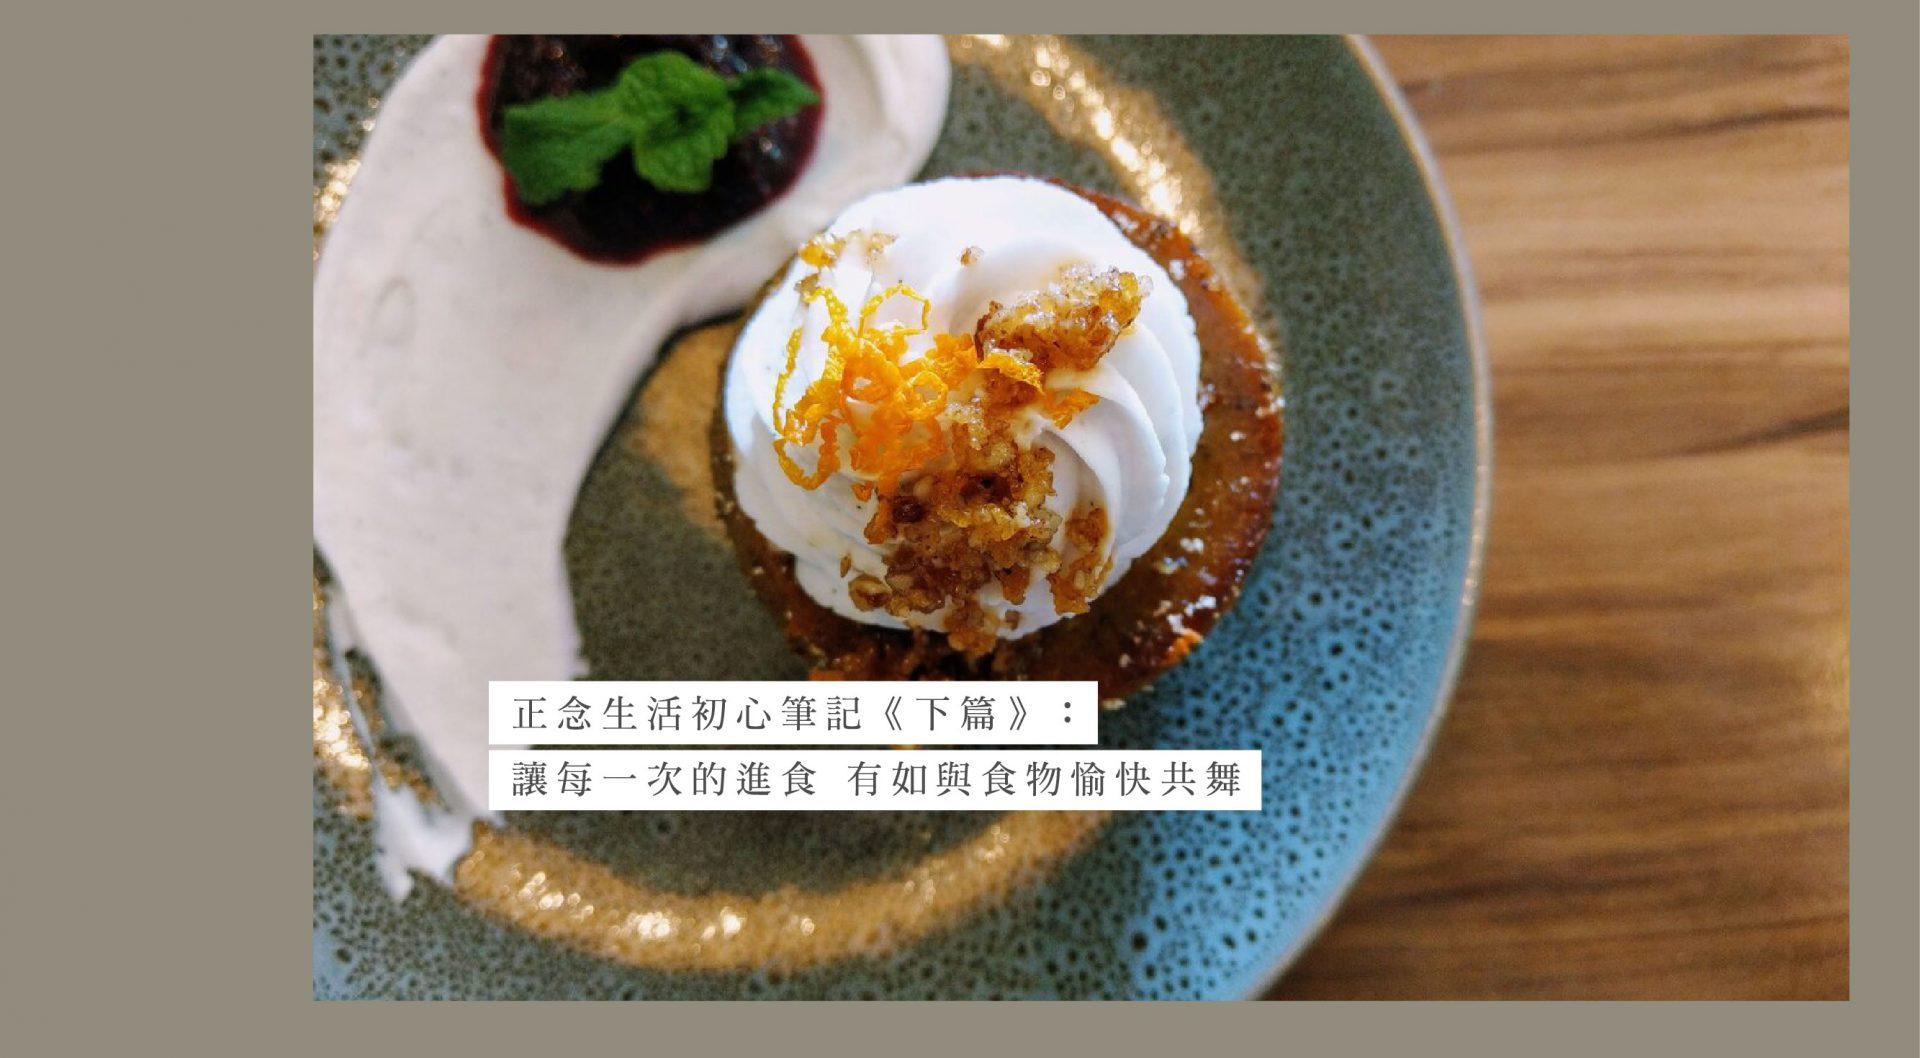 正念生活初心筆記《下篇》:讓每一次的進食 有如與食物愉快共舞